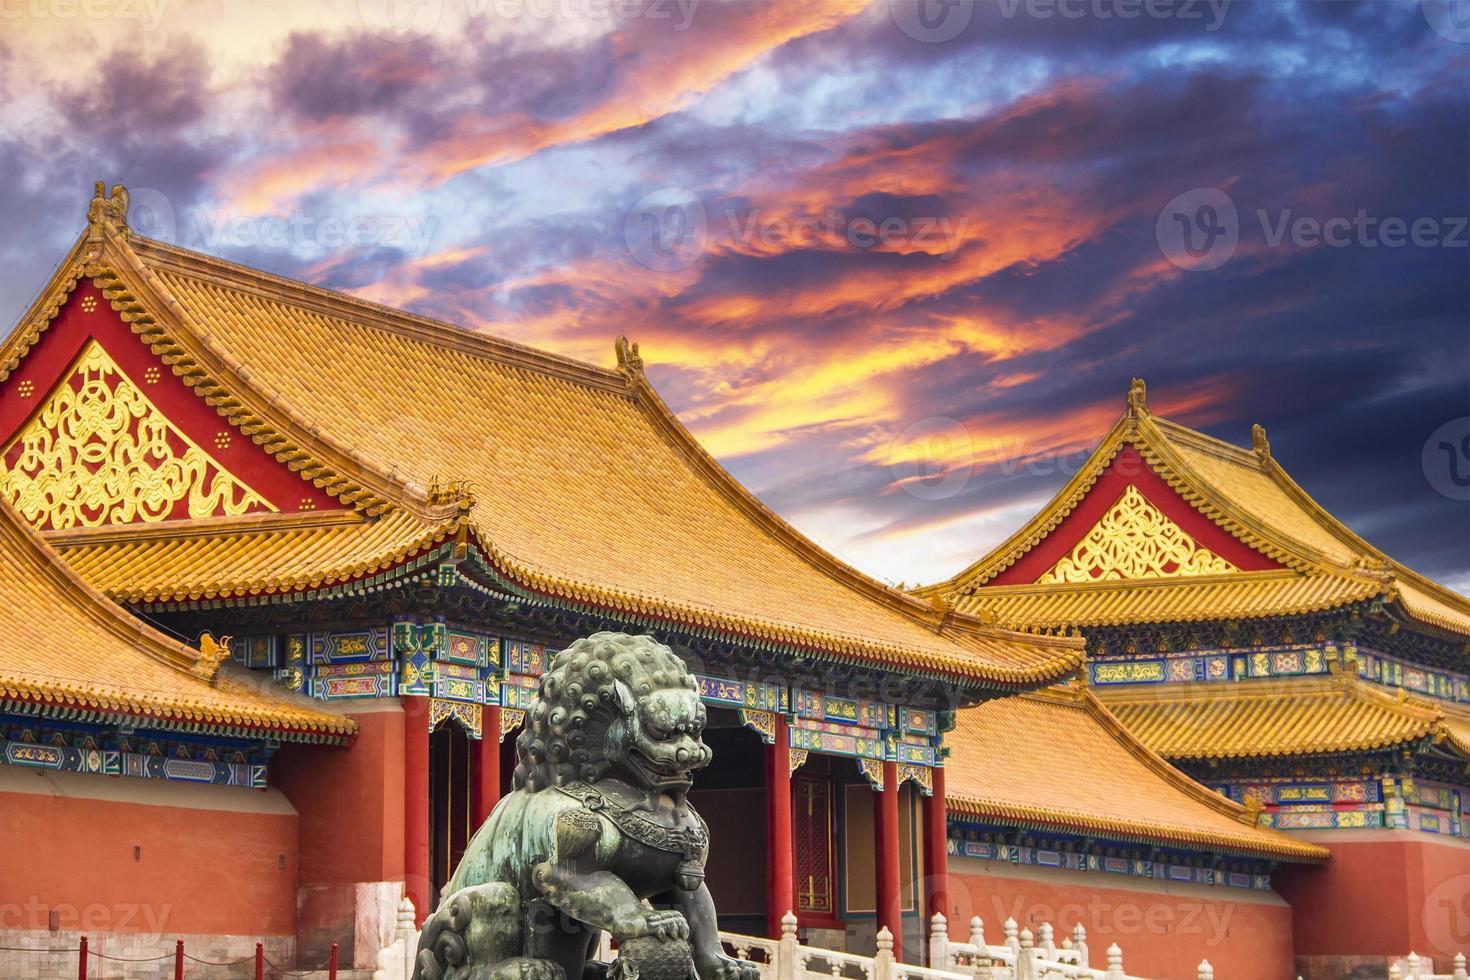 de verboden stad beijing, china foto